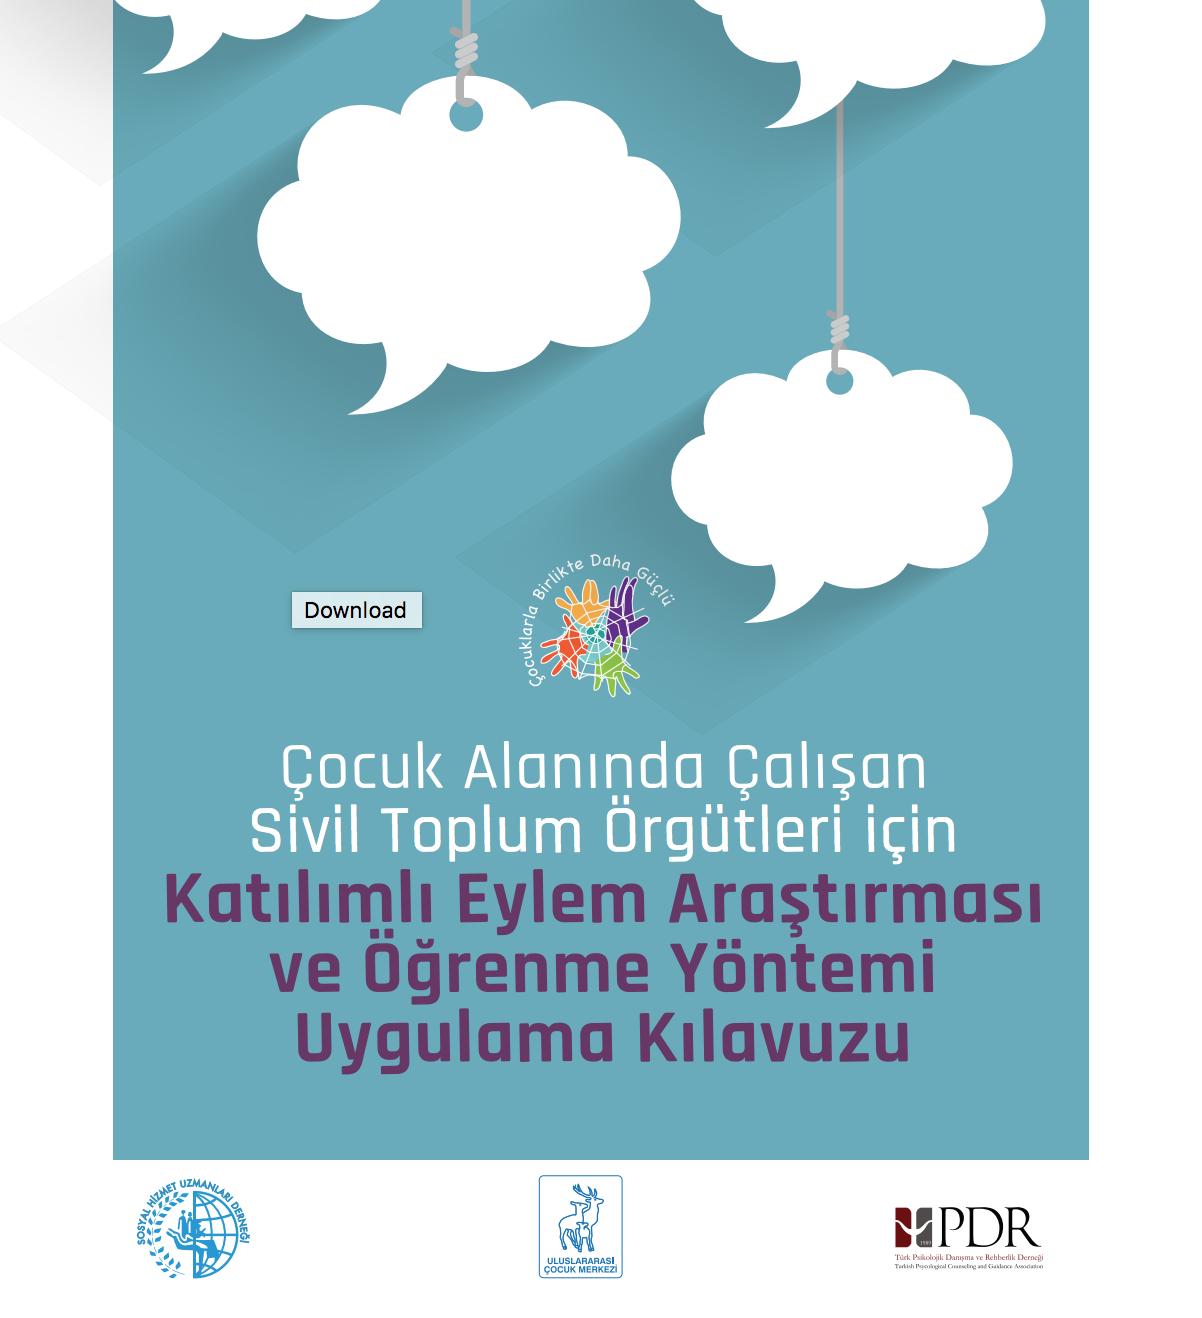 Çocuk Alanında Çalışan Sivil Toplum Örgütleri için Katılımlı Eylem Araştırması ve Öğrenme Yöntemi Uygulama Kılavuzu